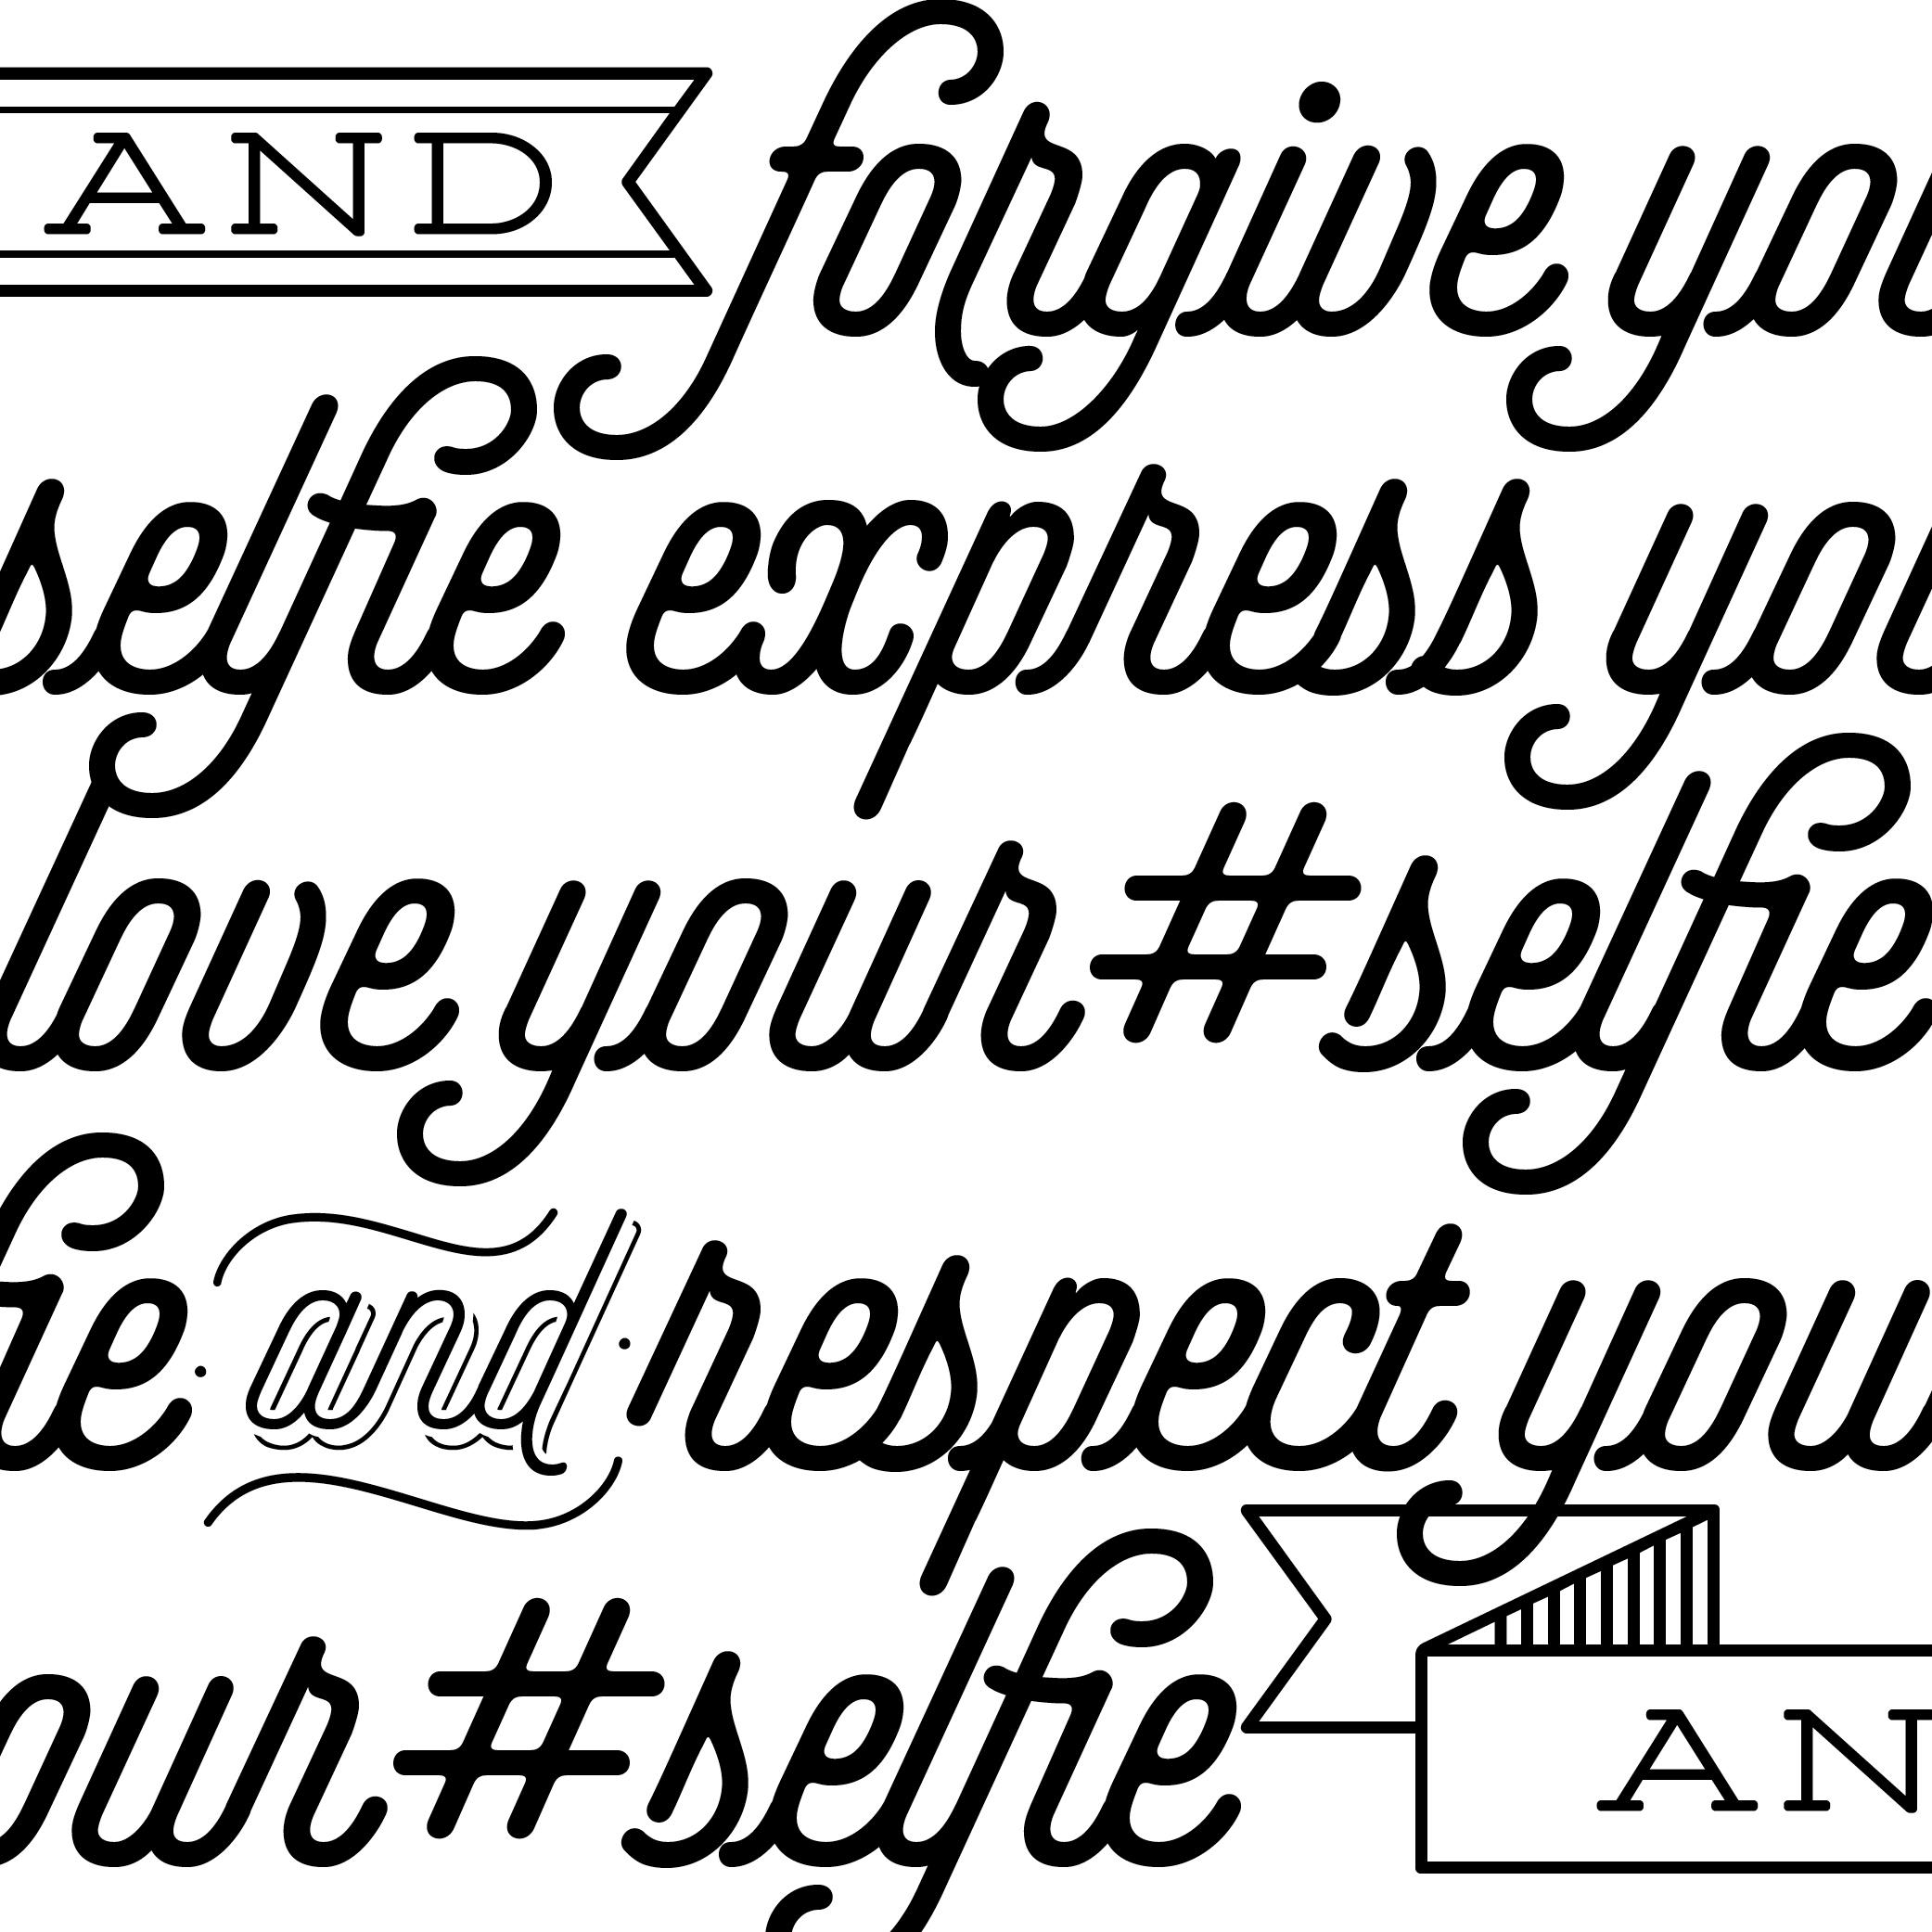 script typographica Intel Slogan selfie